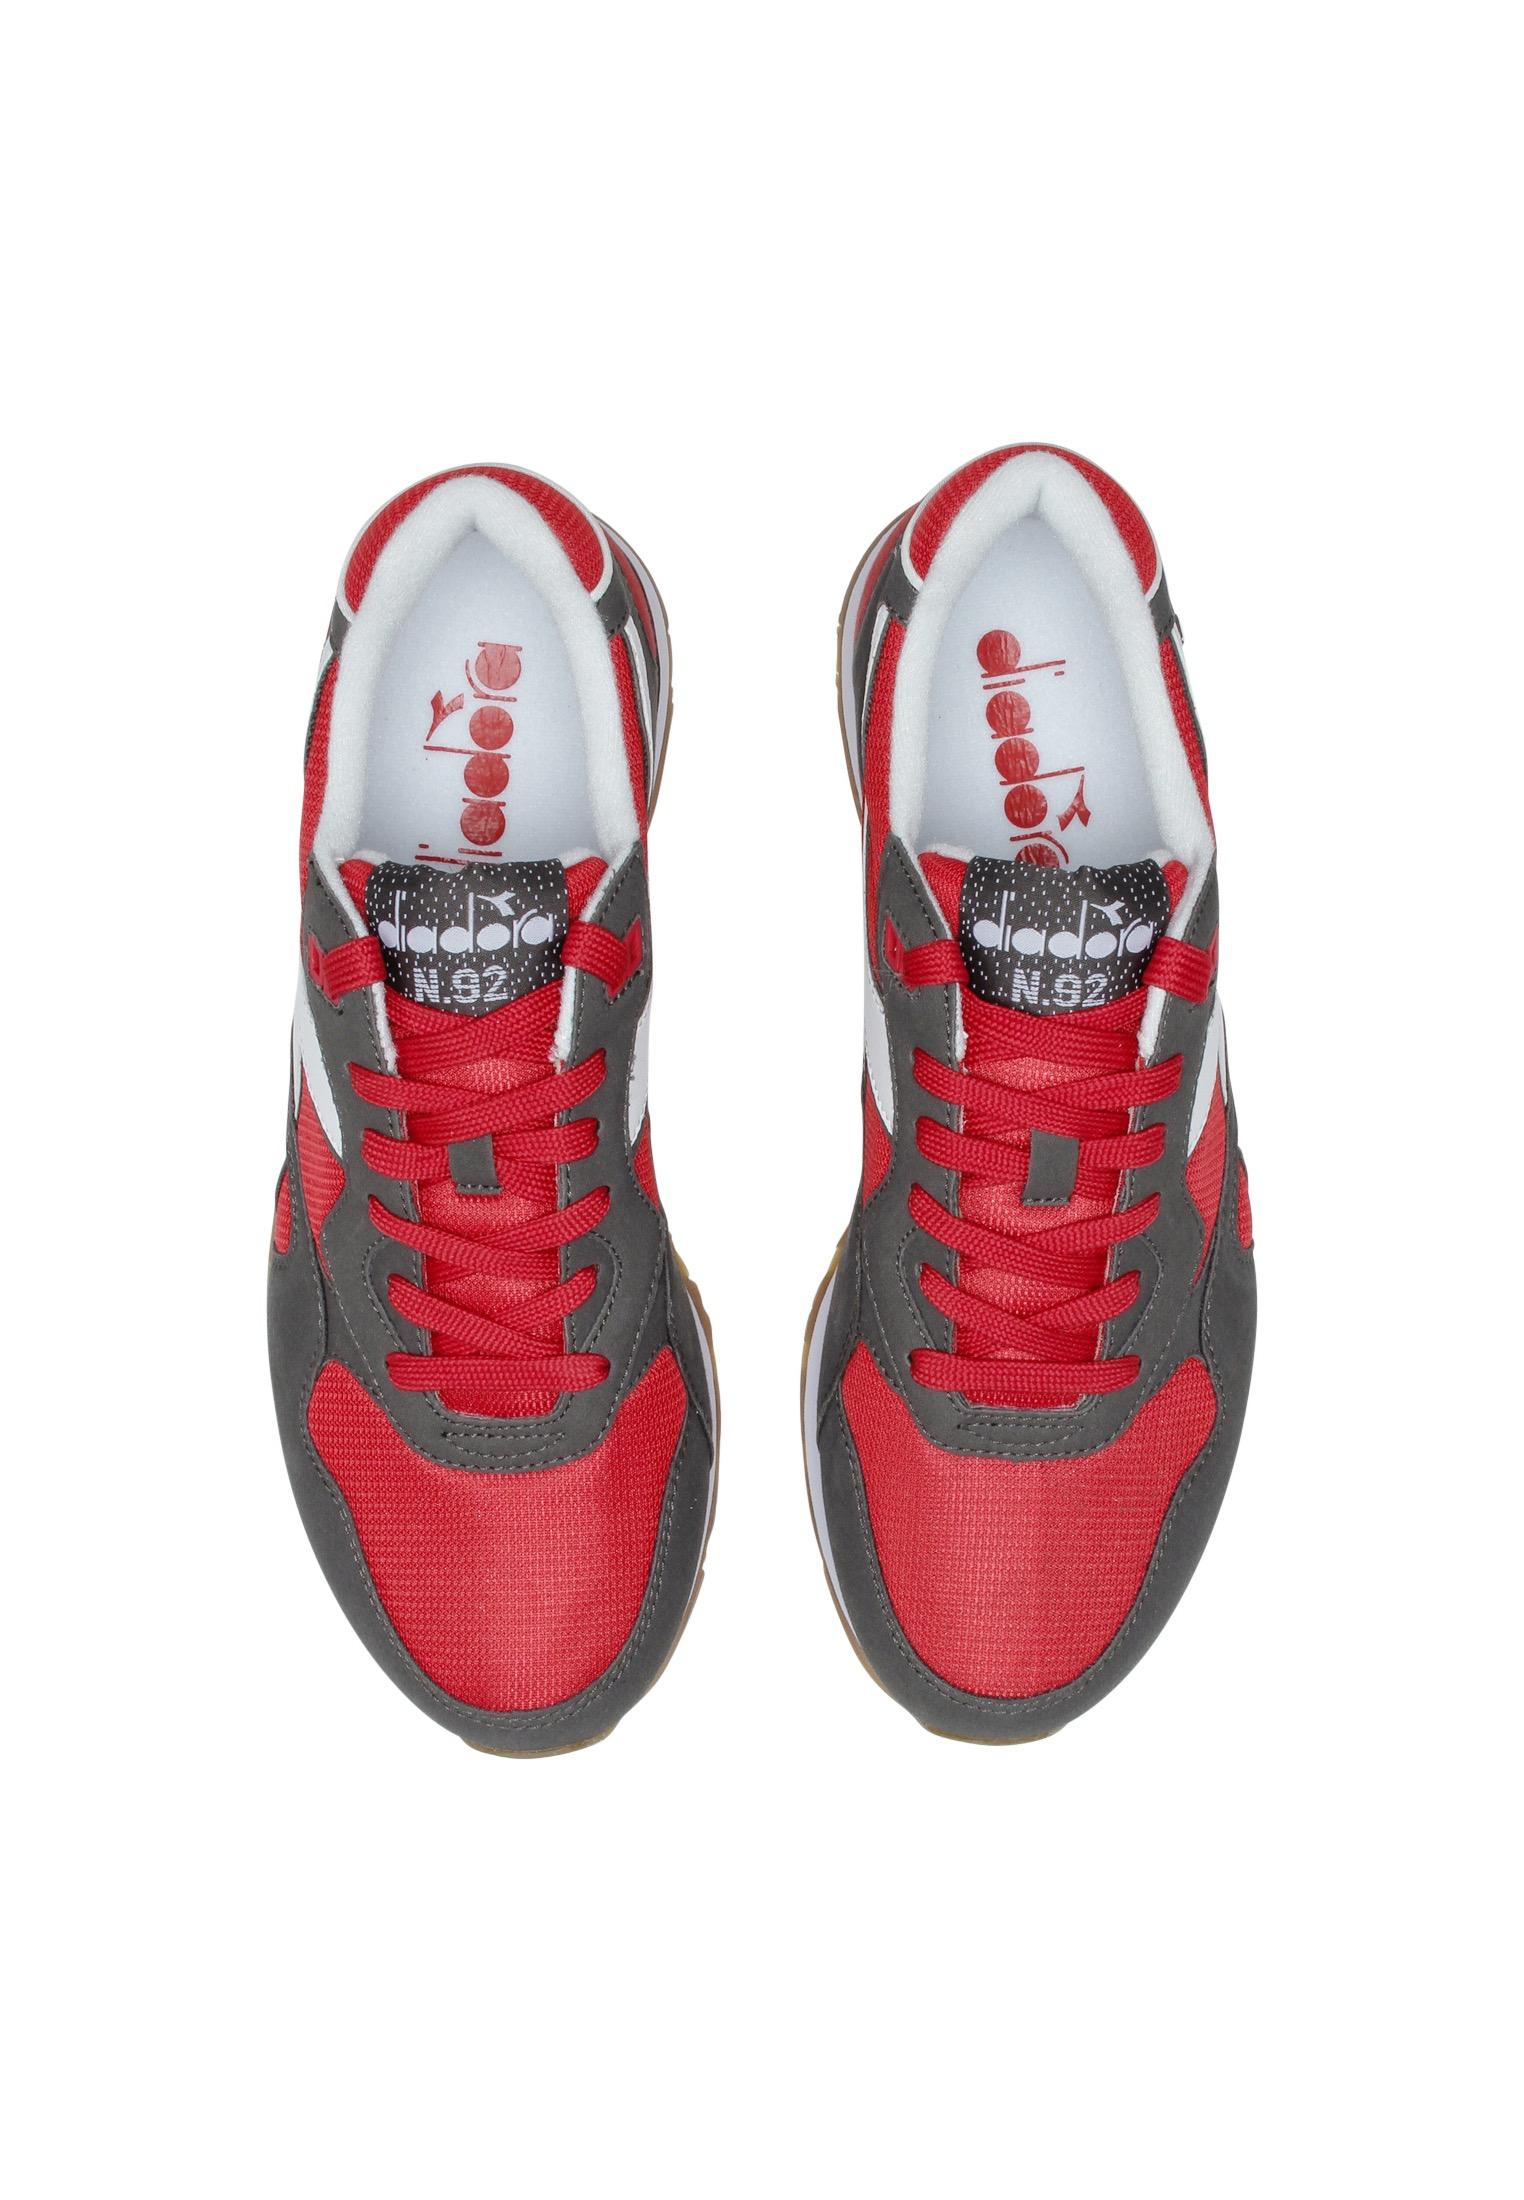 miniatura 12 - Diadora - Sneakers N.92 per uomo e donna